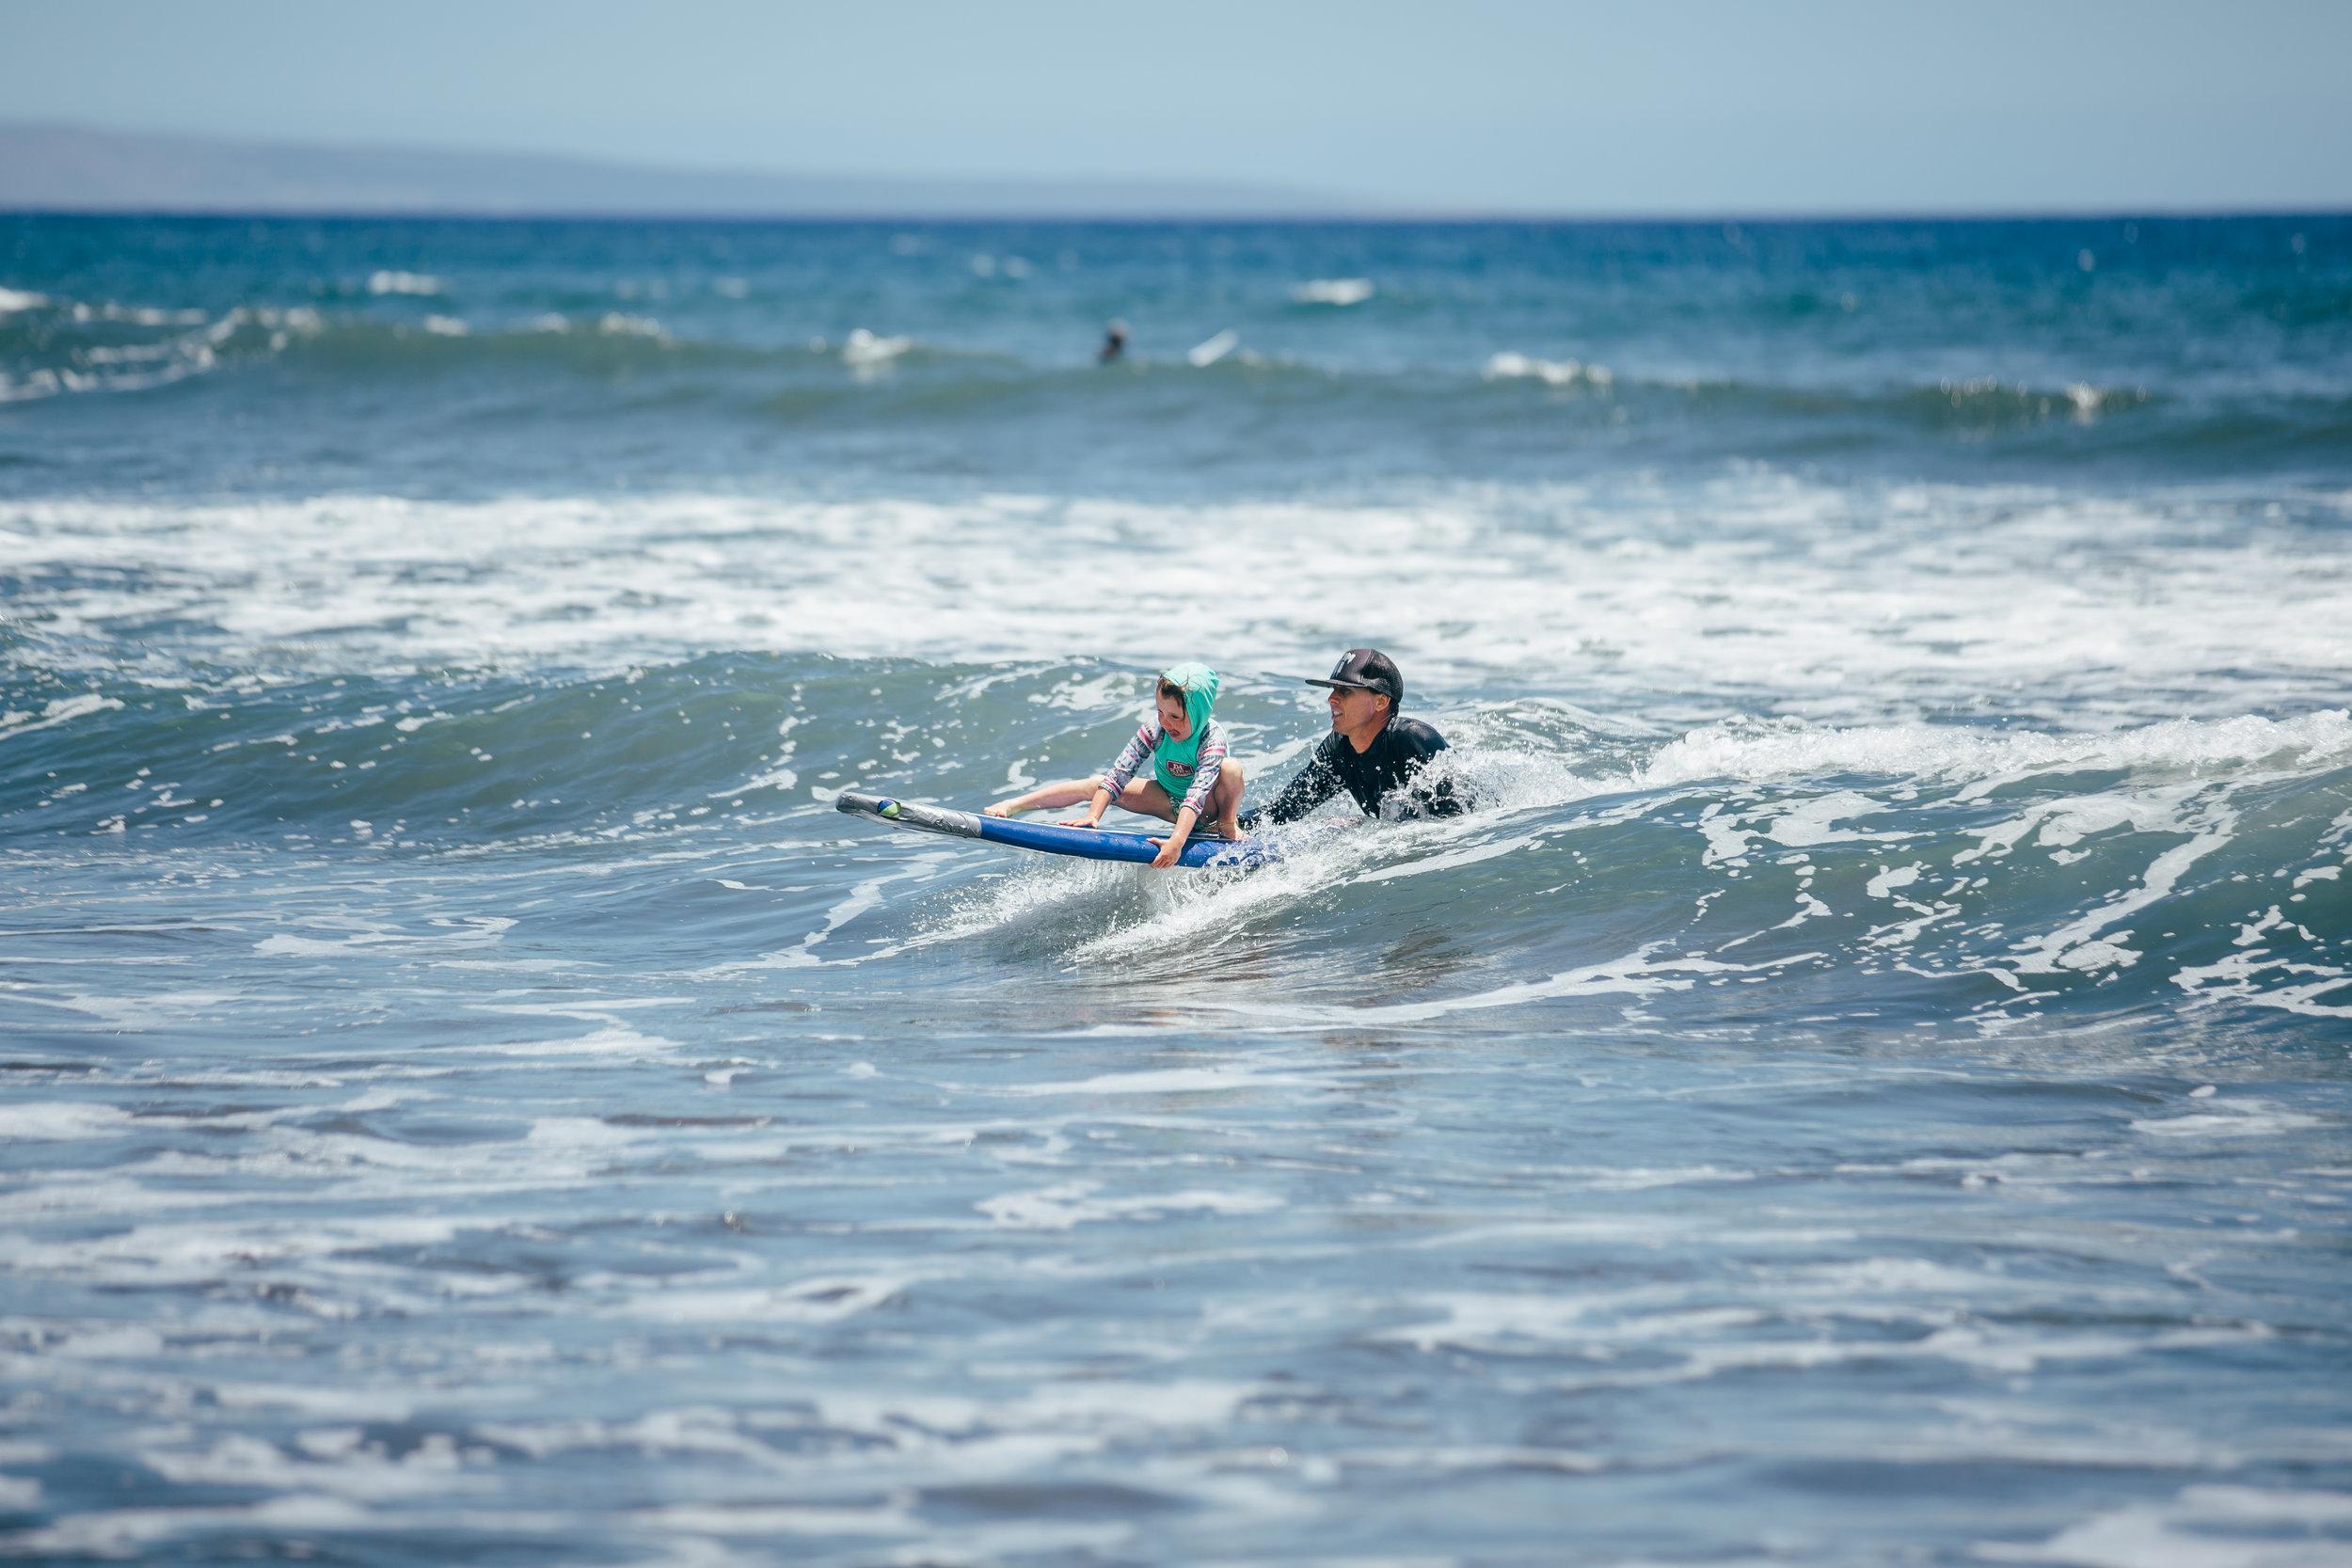 Sean teaching Iris to surf